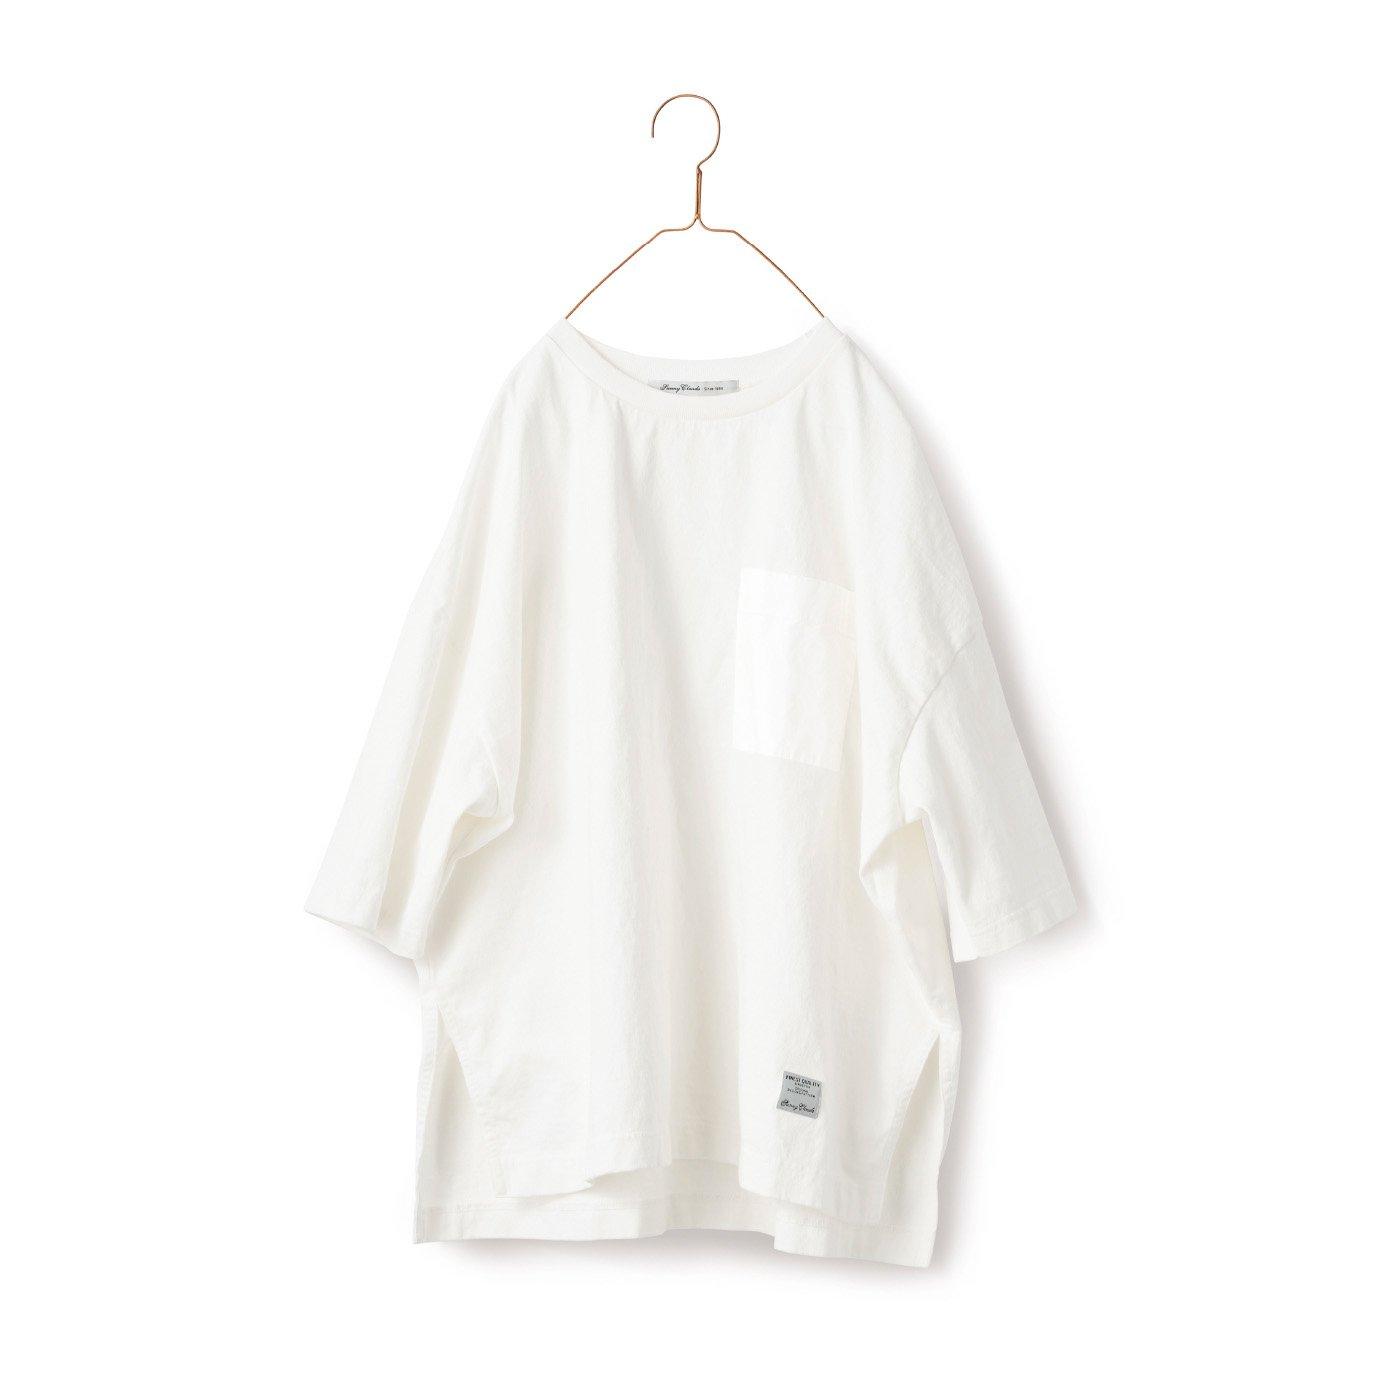 サニークラウズ ドデカいTシャツ〈メンズ〉白